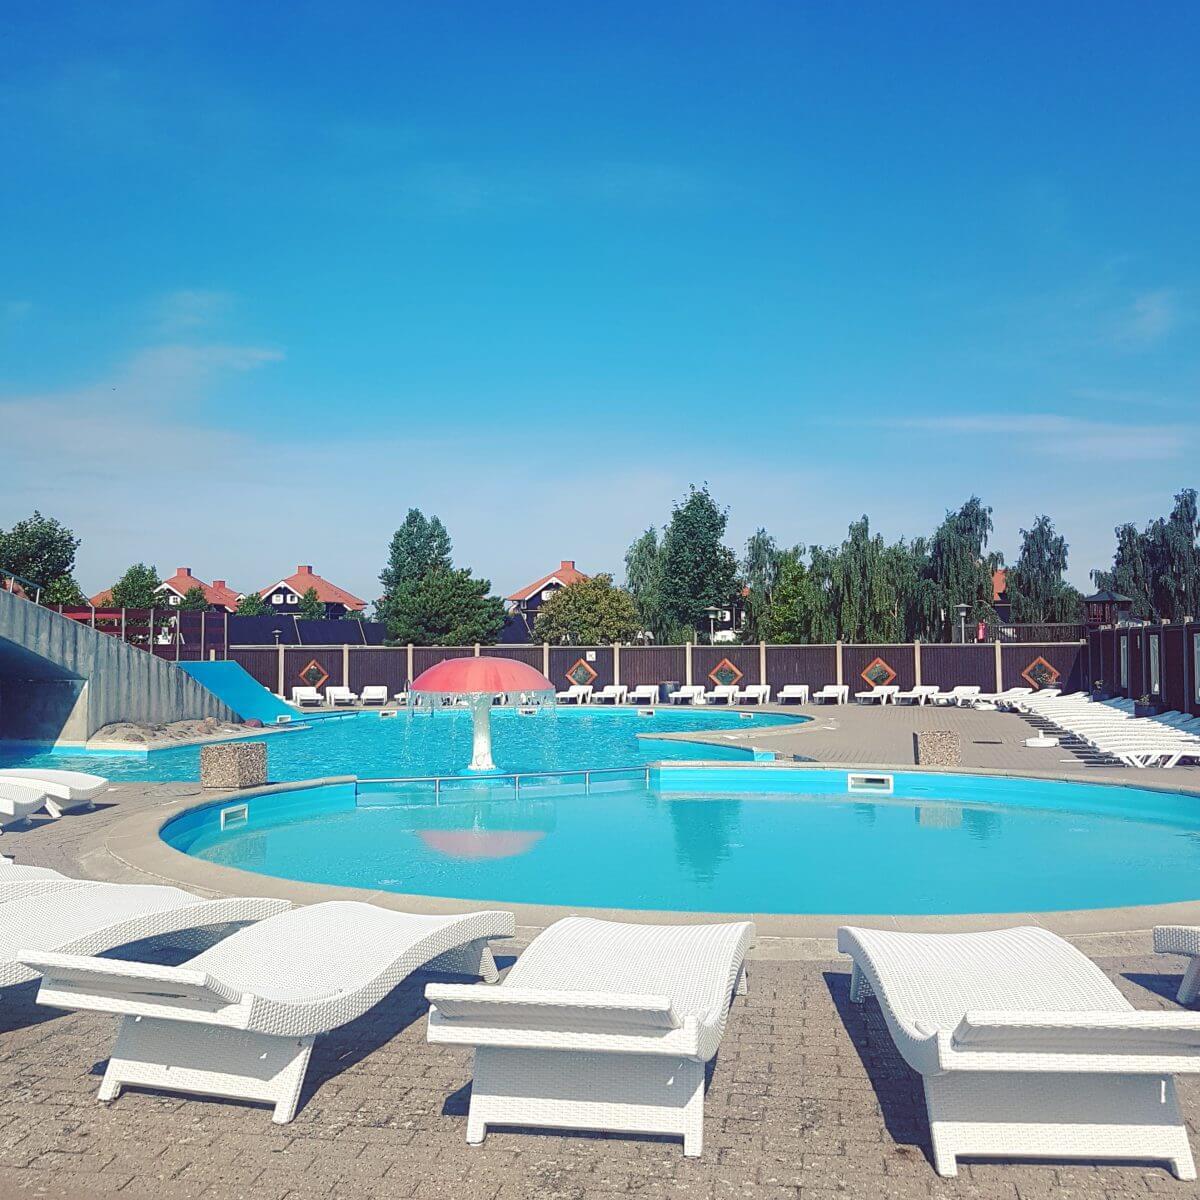 Campingtip: Bogense Strand Camping, op het eiland Funen in Denemarken, met binnenzwembad en buitenzwembad #leukmetkids #camping #kamperen #zwembad